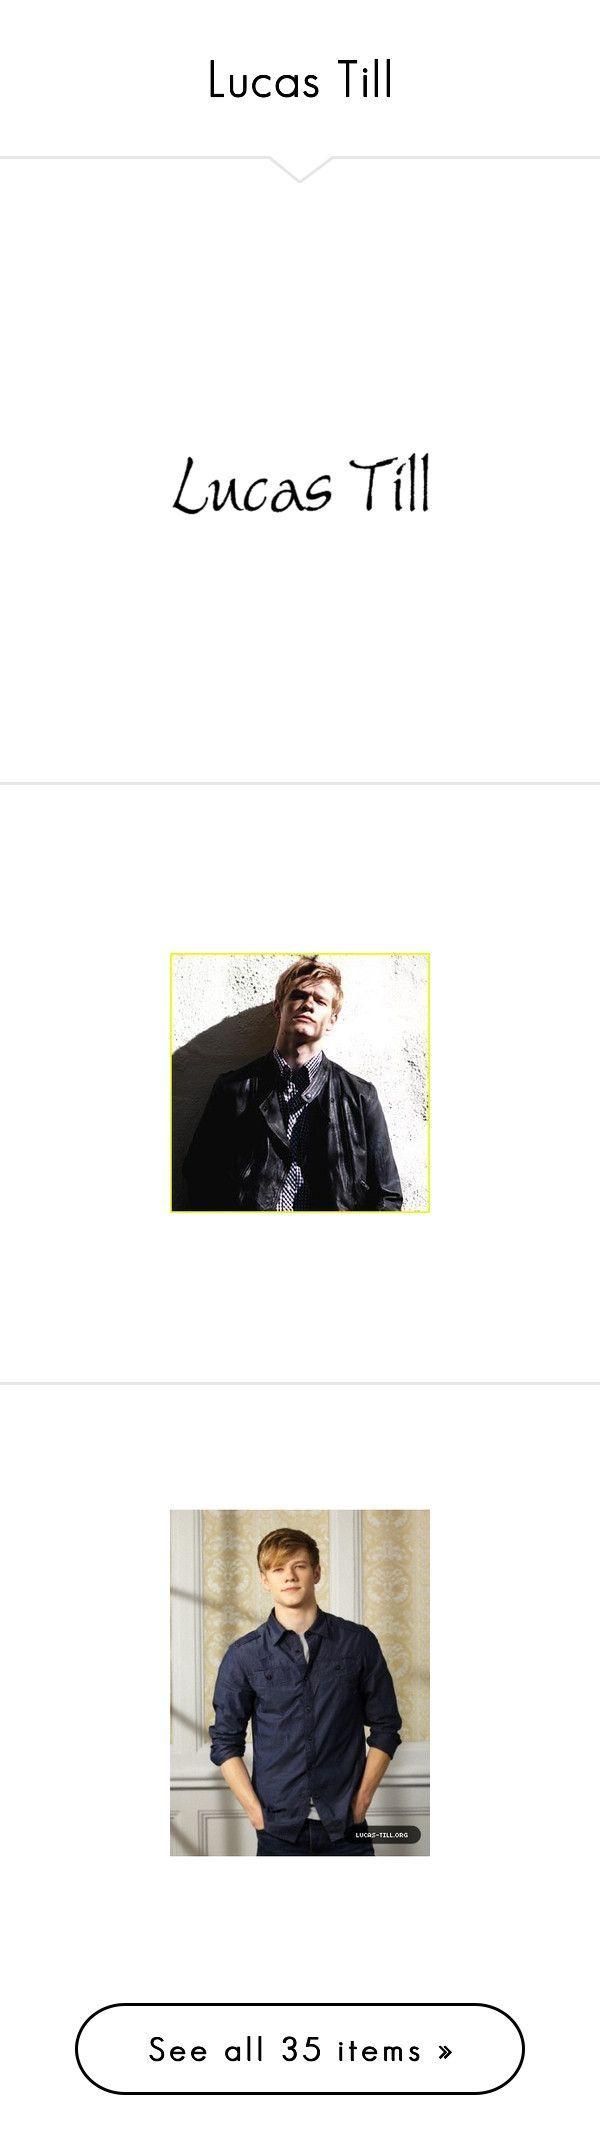 Lucas Till by halana-cgs ❤ liked on Polyvore #lucastill Lucas Till by halana-cgs ❤ liked on Polyvore #lucastill